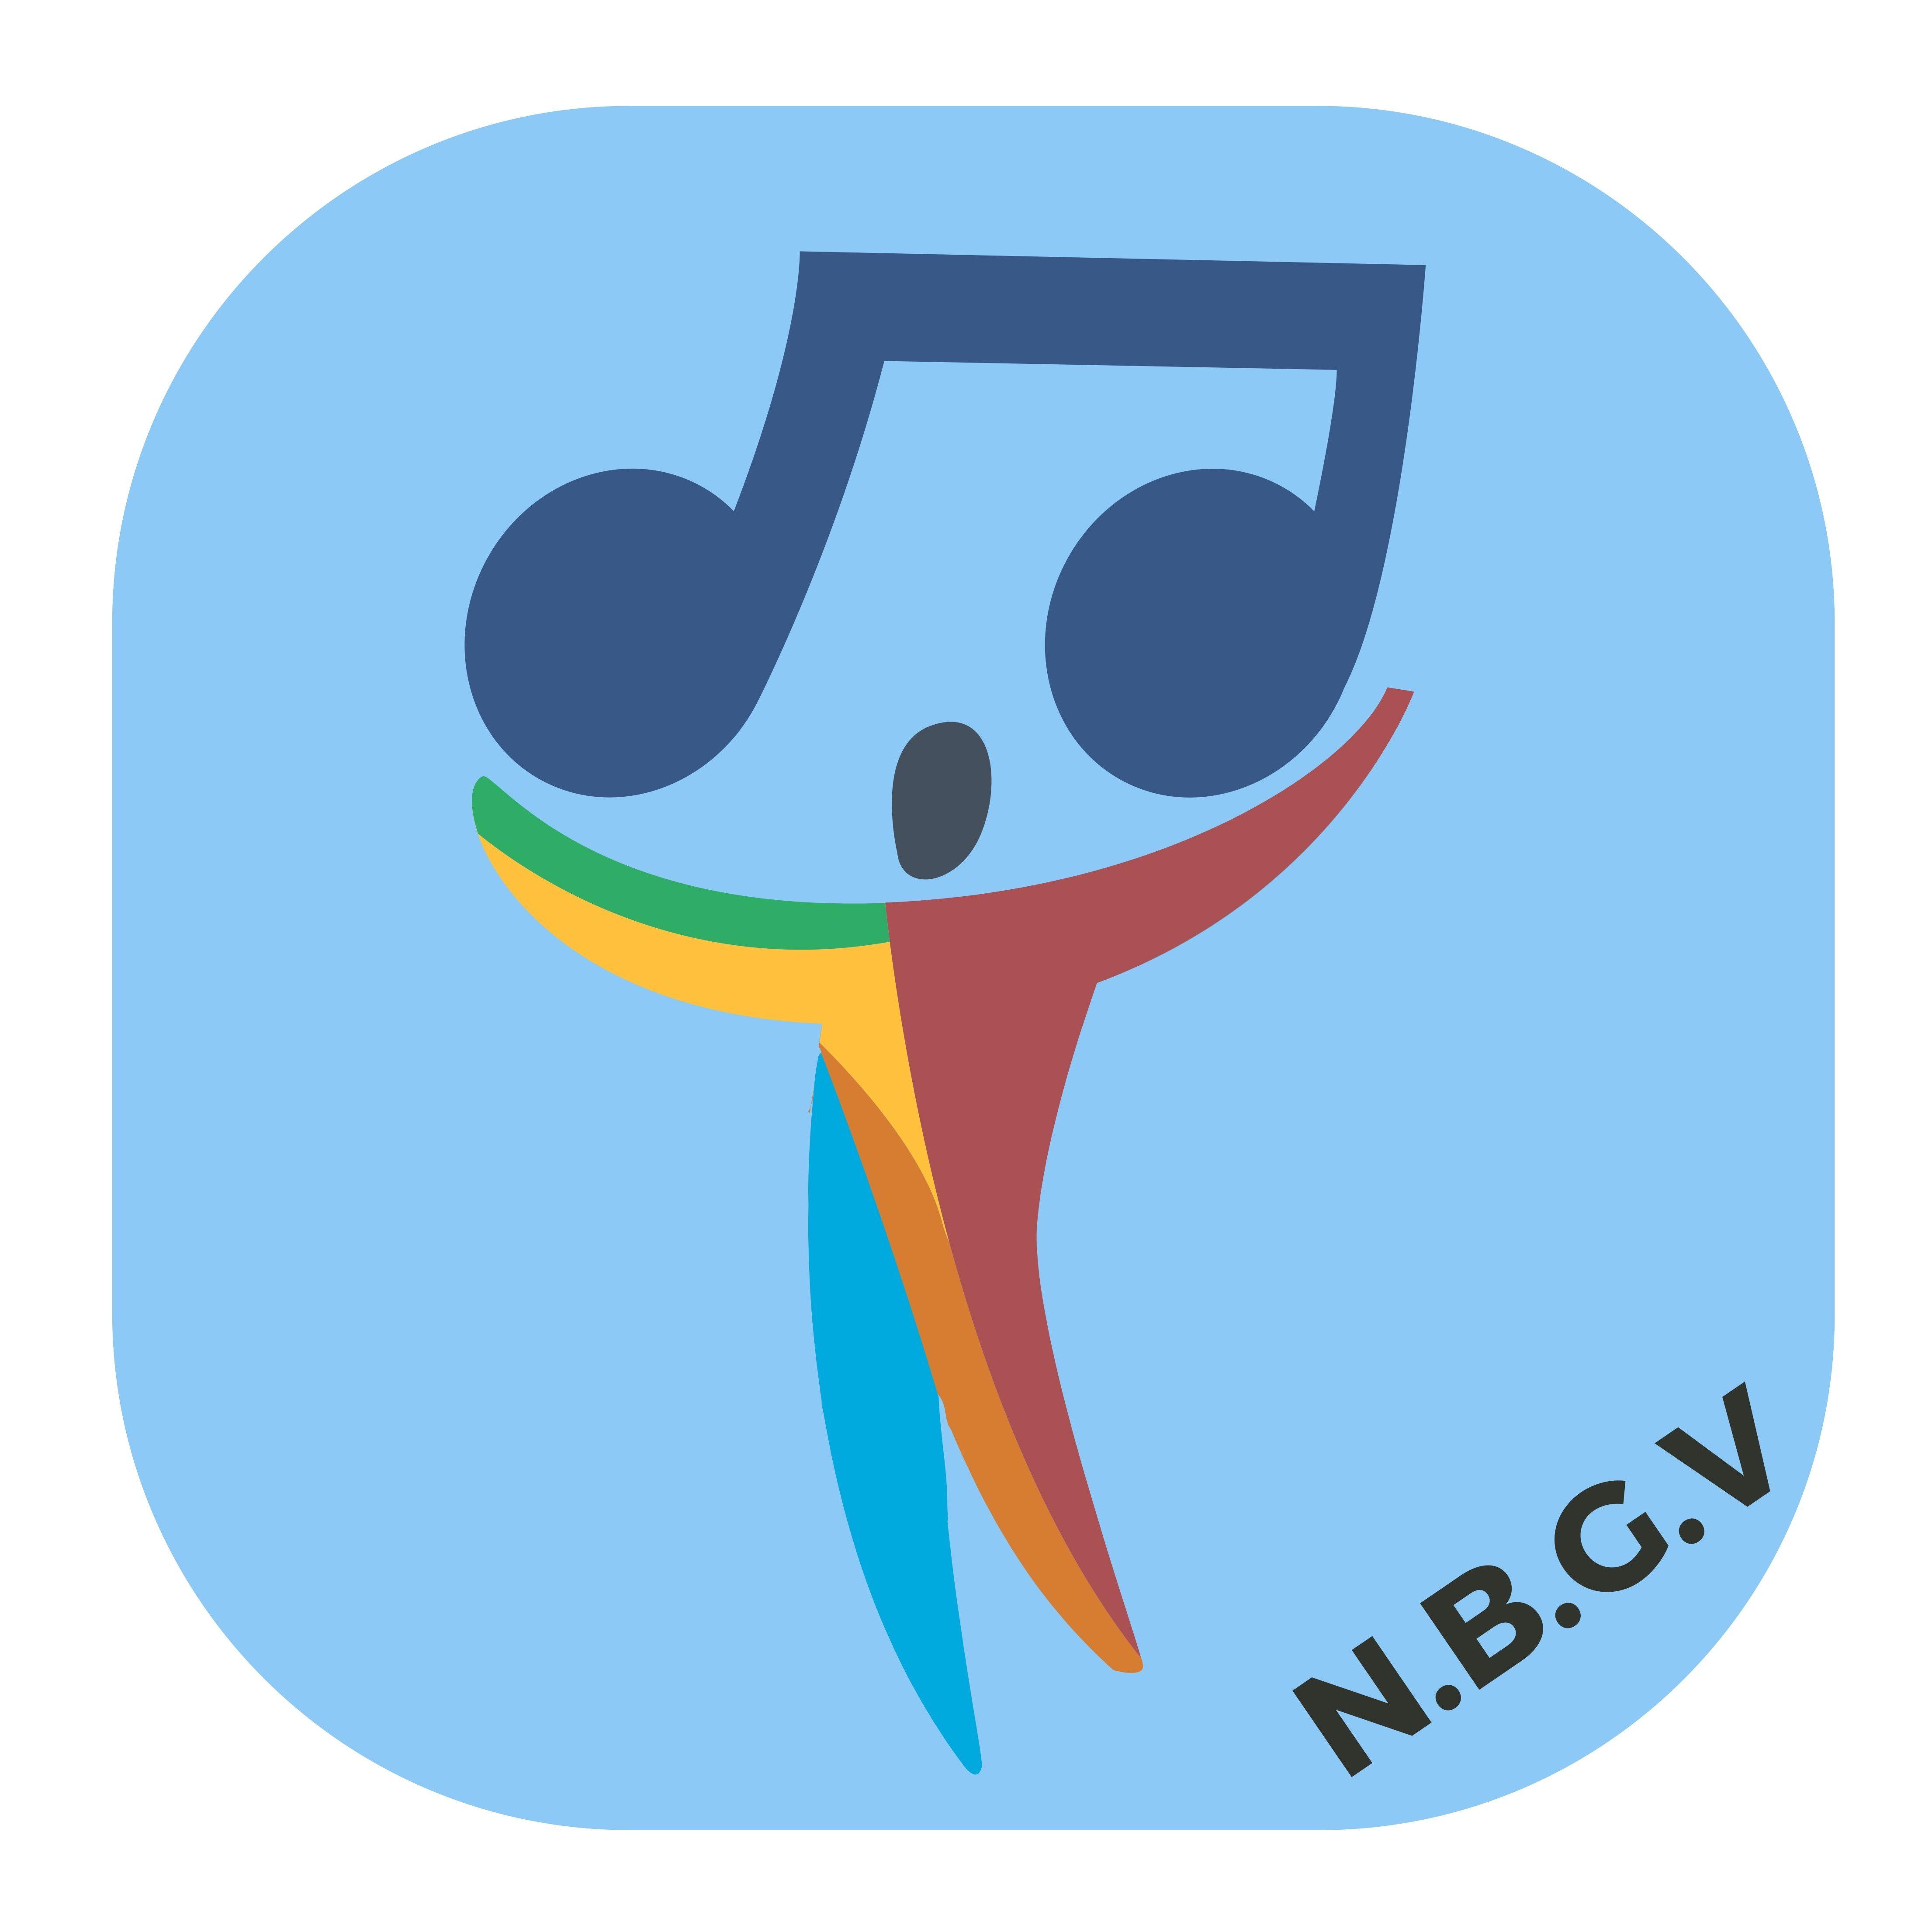 N.B.G.V